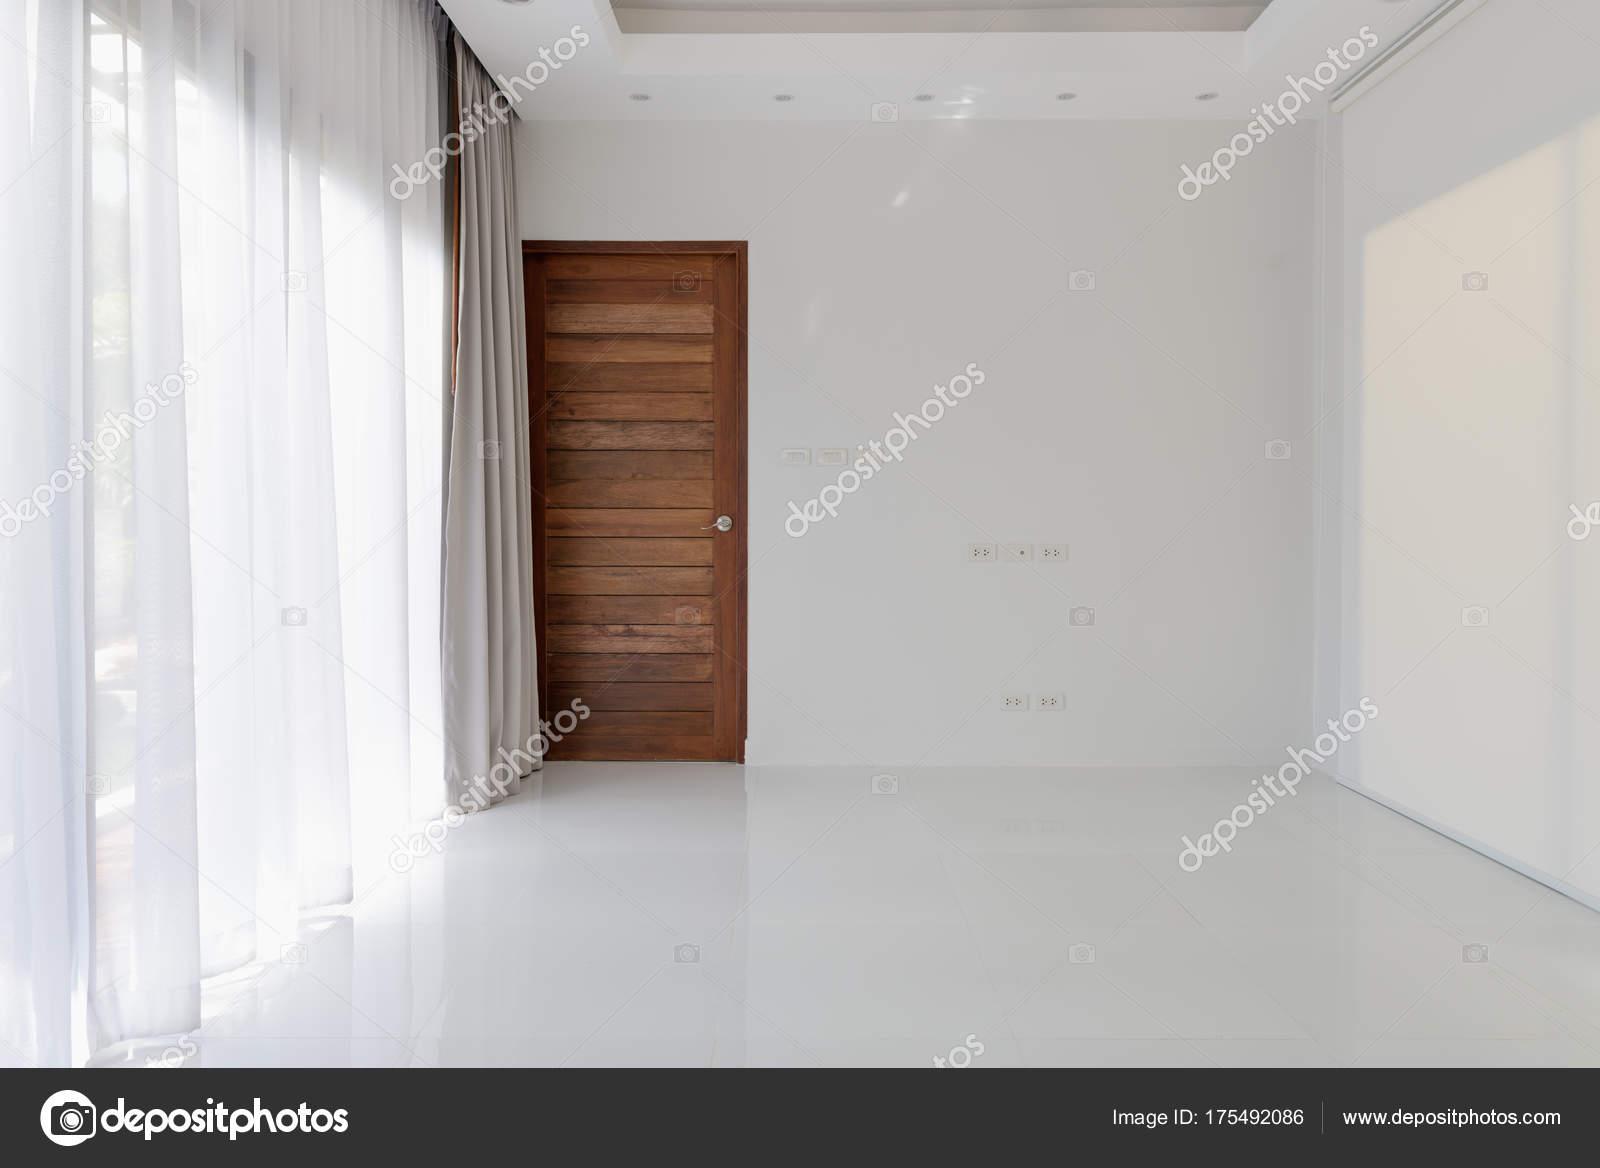 Nett Wohnzimmer Innendekoration Zeitgenössisch - Images for ...